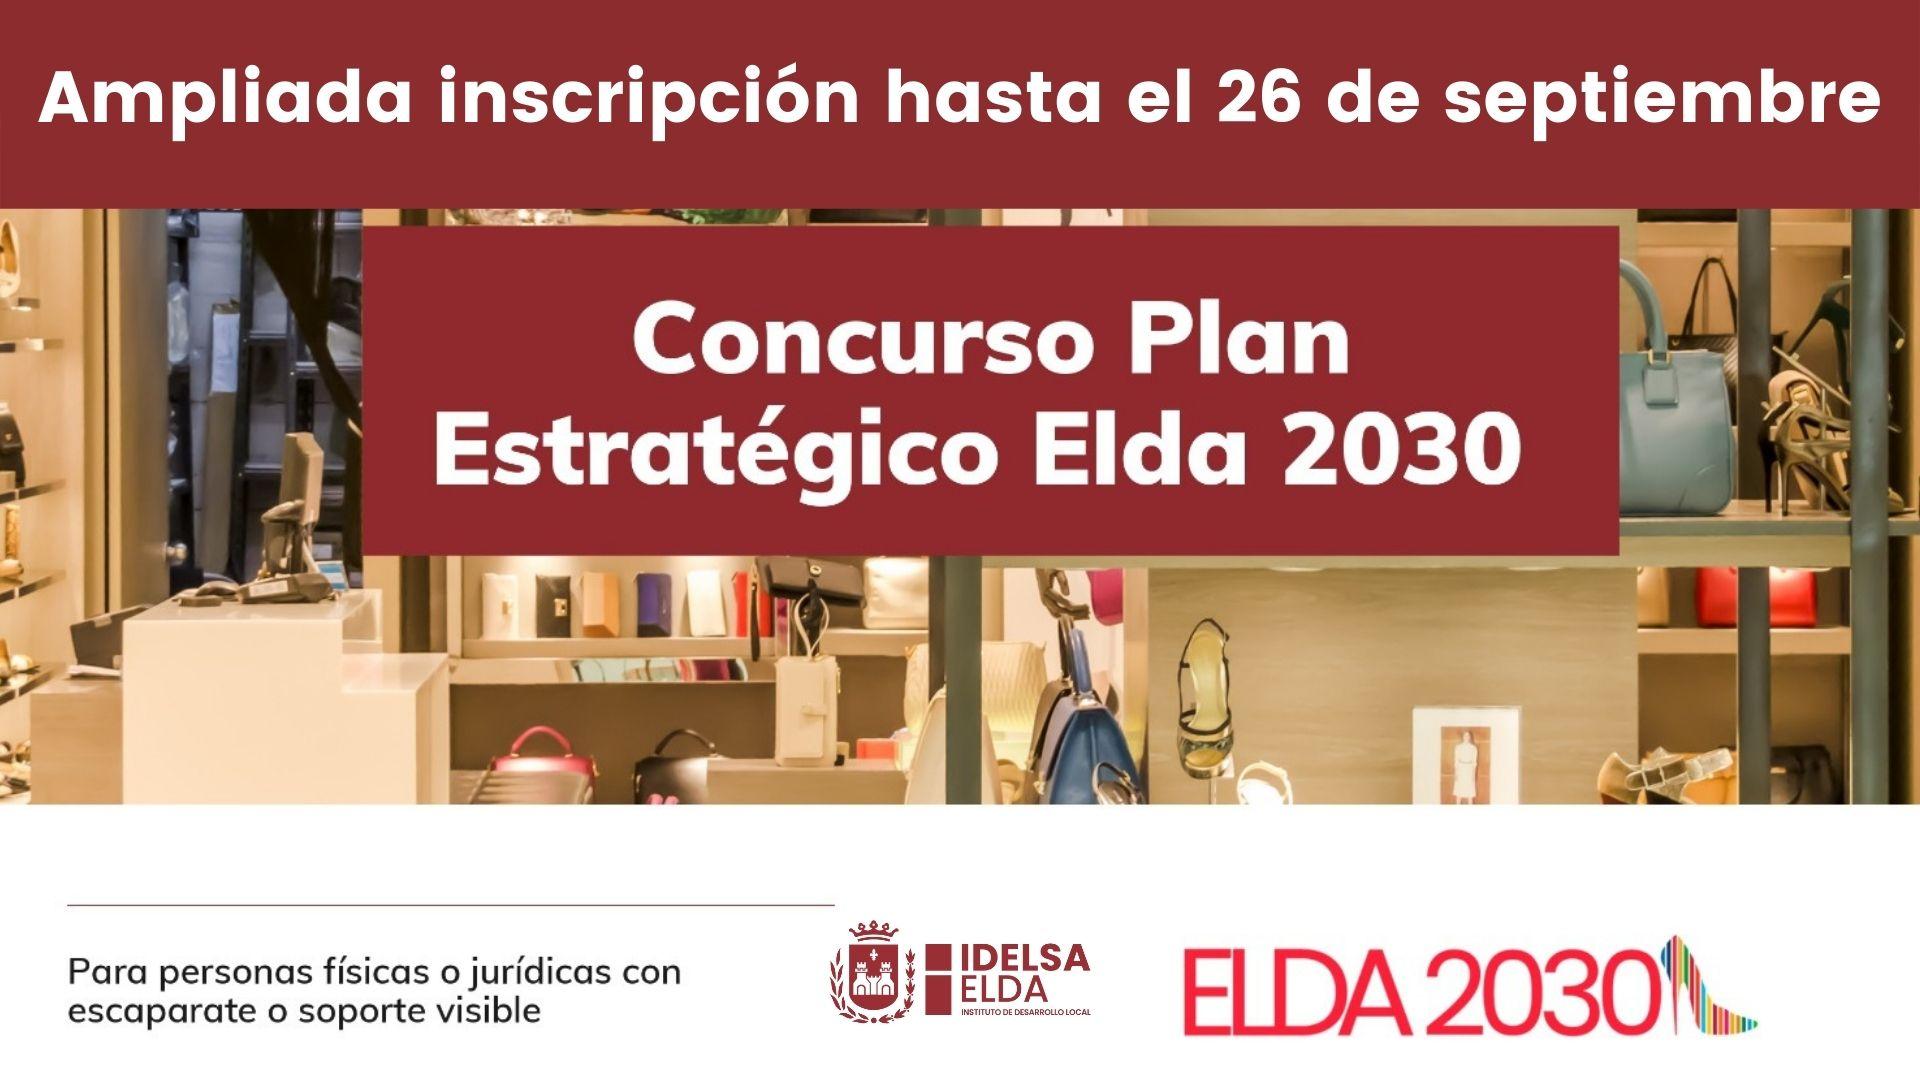 Idelsa amplía hasta el 26 de septiembre el plazo de inscripción para los comercios eldenses que deseen participar en el Concurso #Elda2030